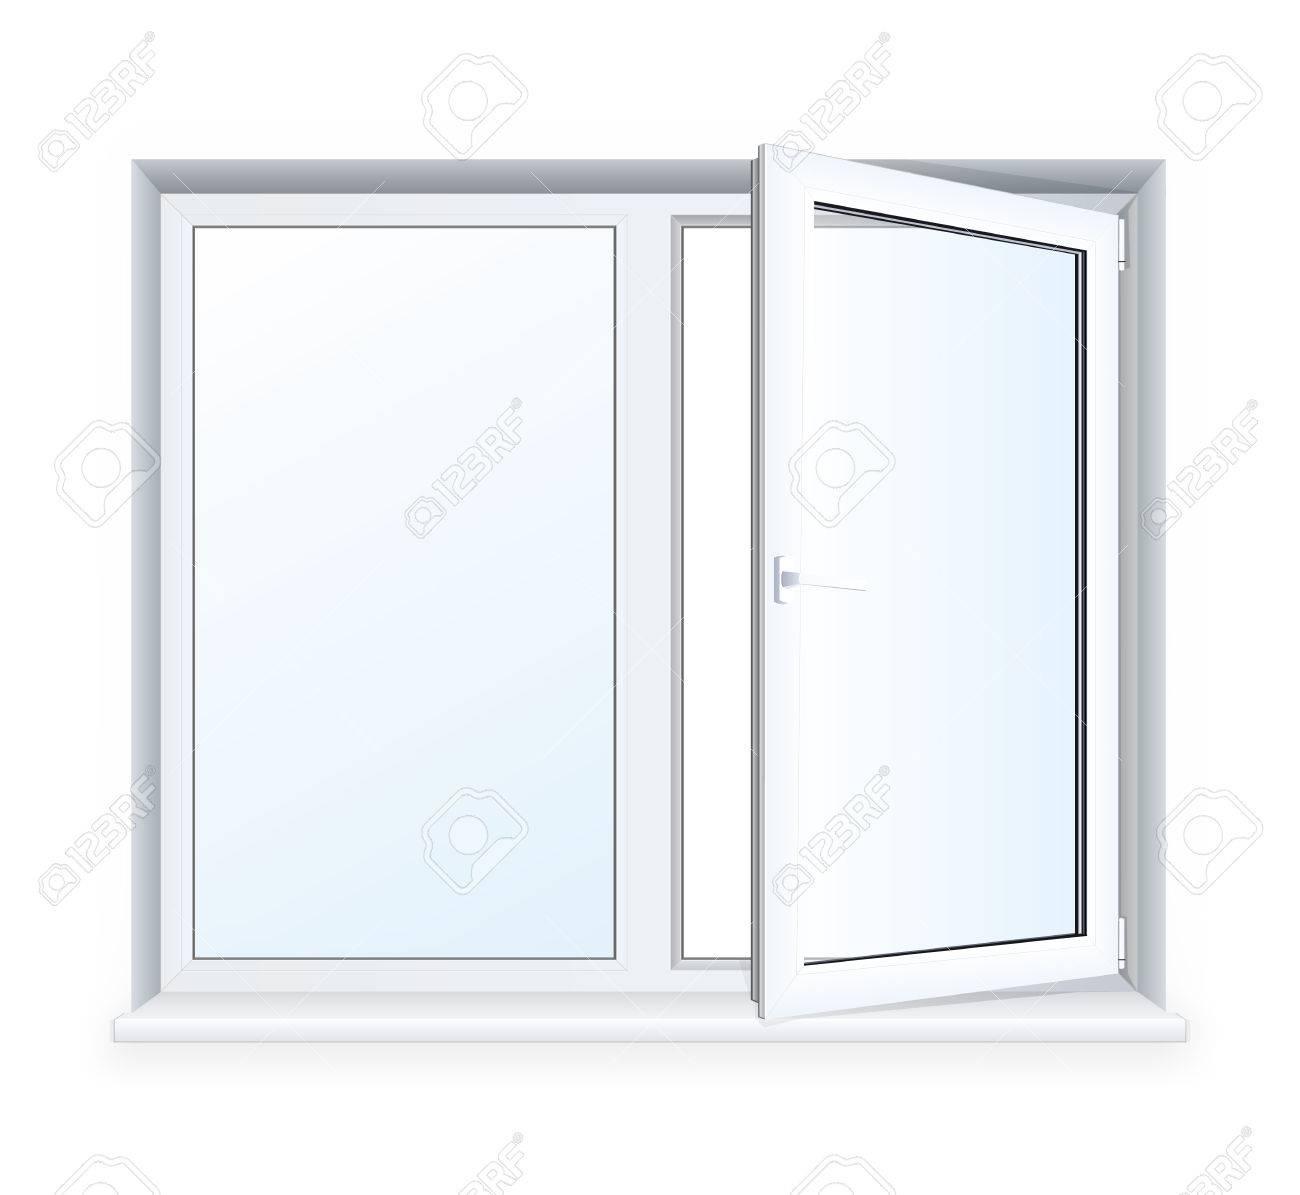 Full Size of Dänische Fenster Jalousie Innen Austauschen Kosten Schräge Abdunkeln Aluminium Gitter Einbruchschutz Polnische Gardinen Obi Sicherheitsfolie Test Fenster Kunststoff Fenster